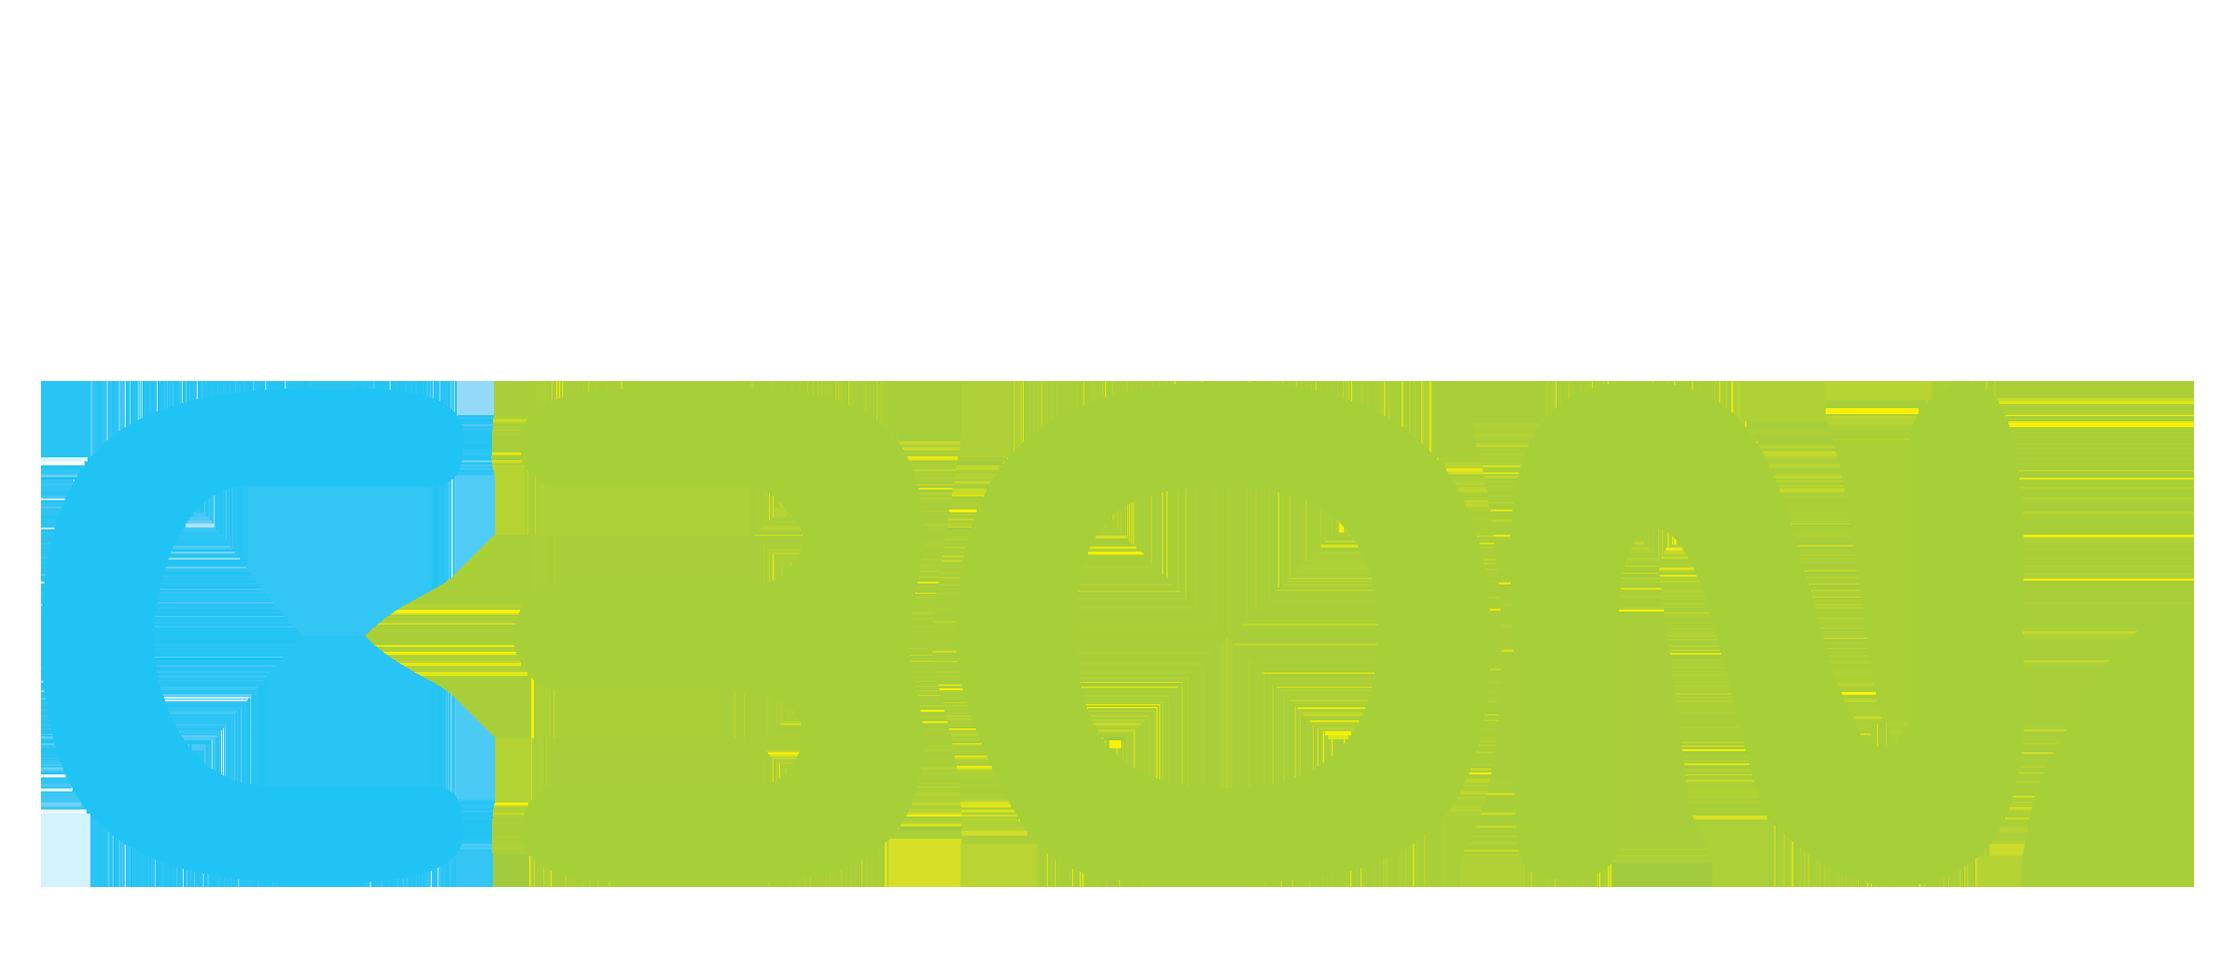 CBON Tech